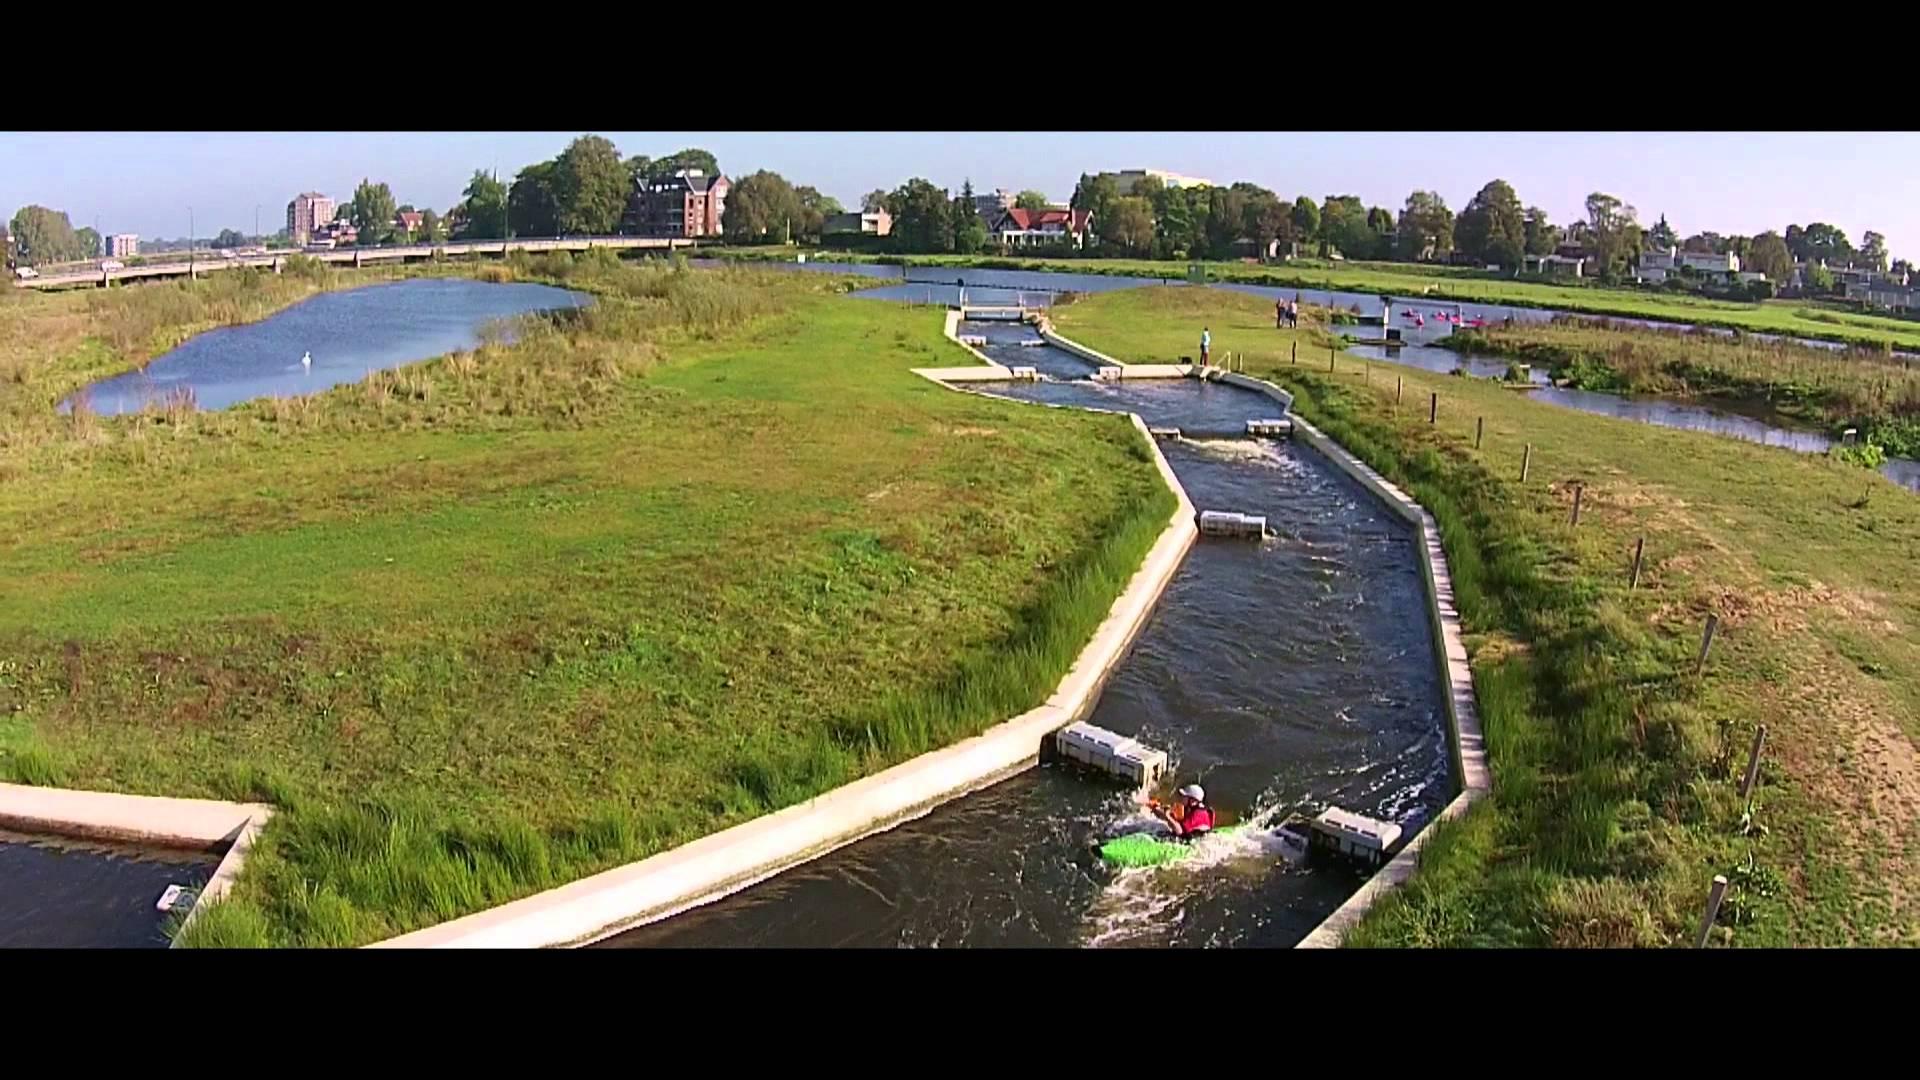 Hardenberg Nl wildwaterbaan hardenberg kanosport zwalker wildwater kajak cursus